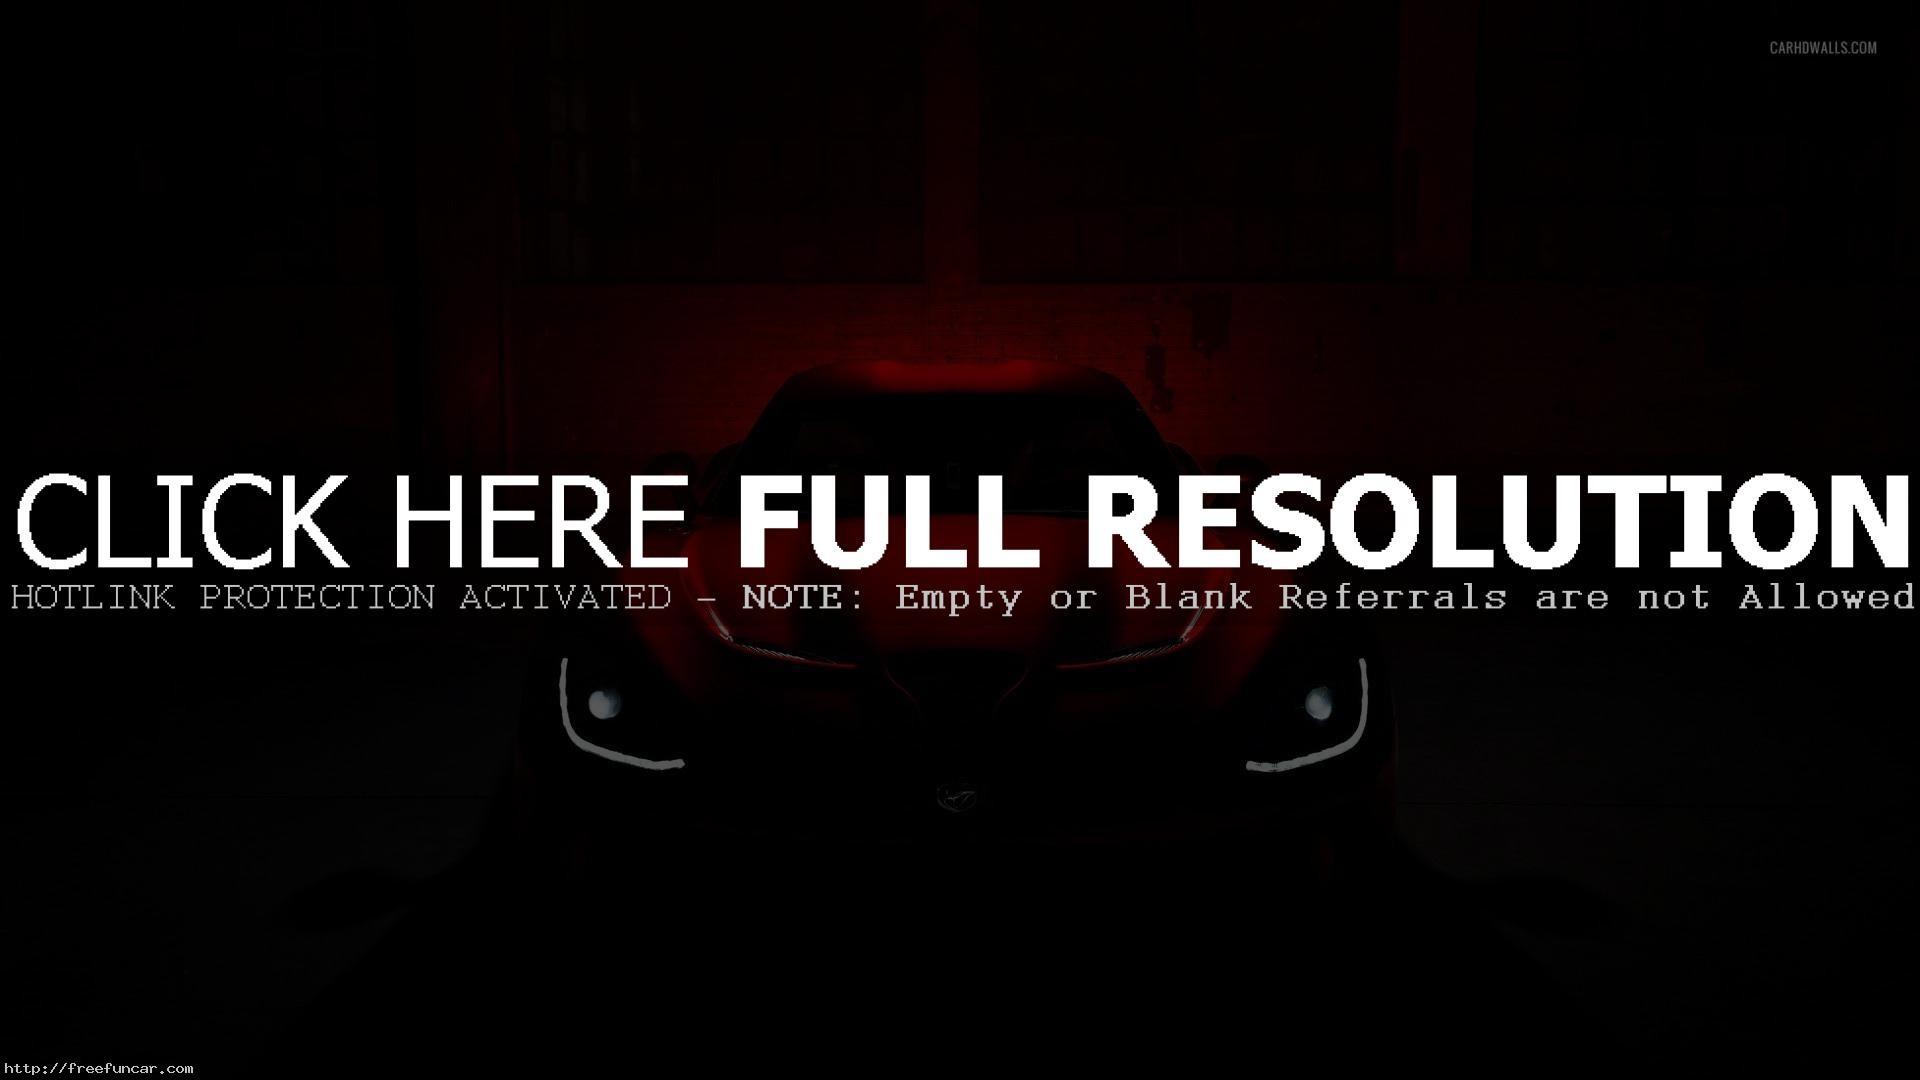 RED DODGE VIPER SRT SPORTS CAR DESKTOP WALLPAPER